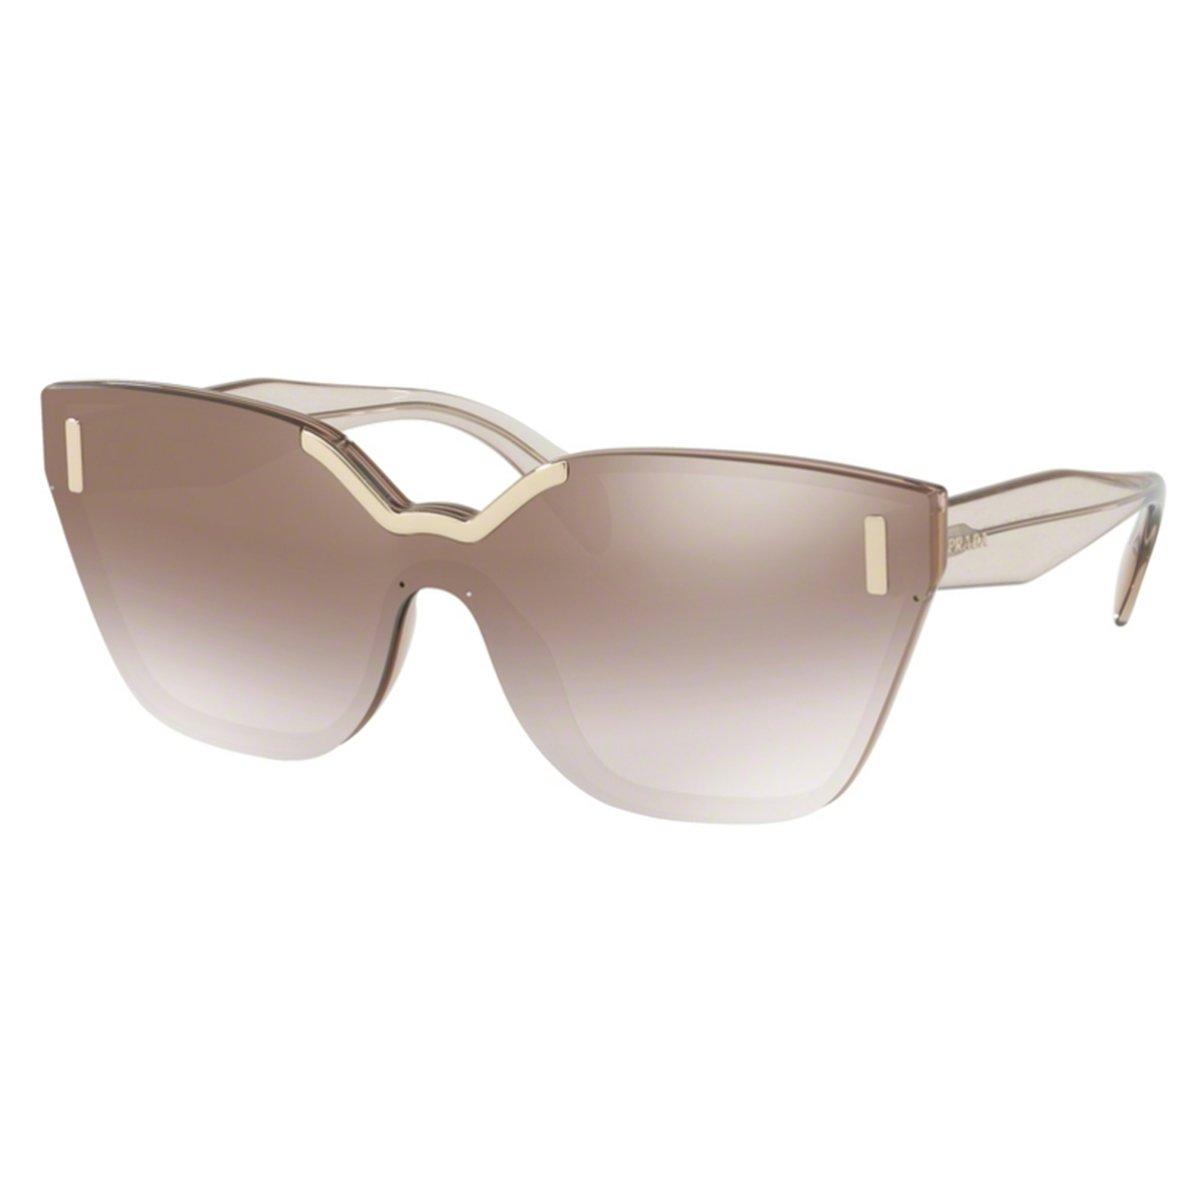 b3b9c9d6d Compre Óculos de Sol Prada em 10X | Tri-Jóia Shop